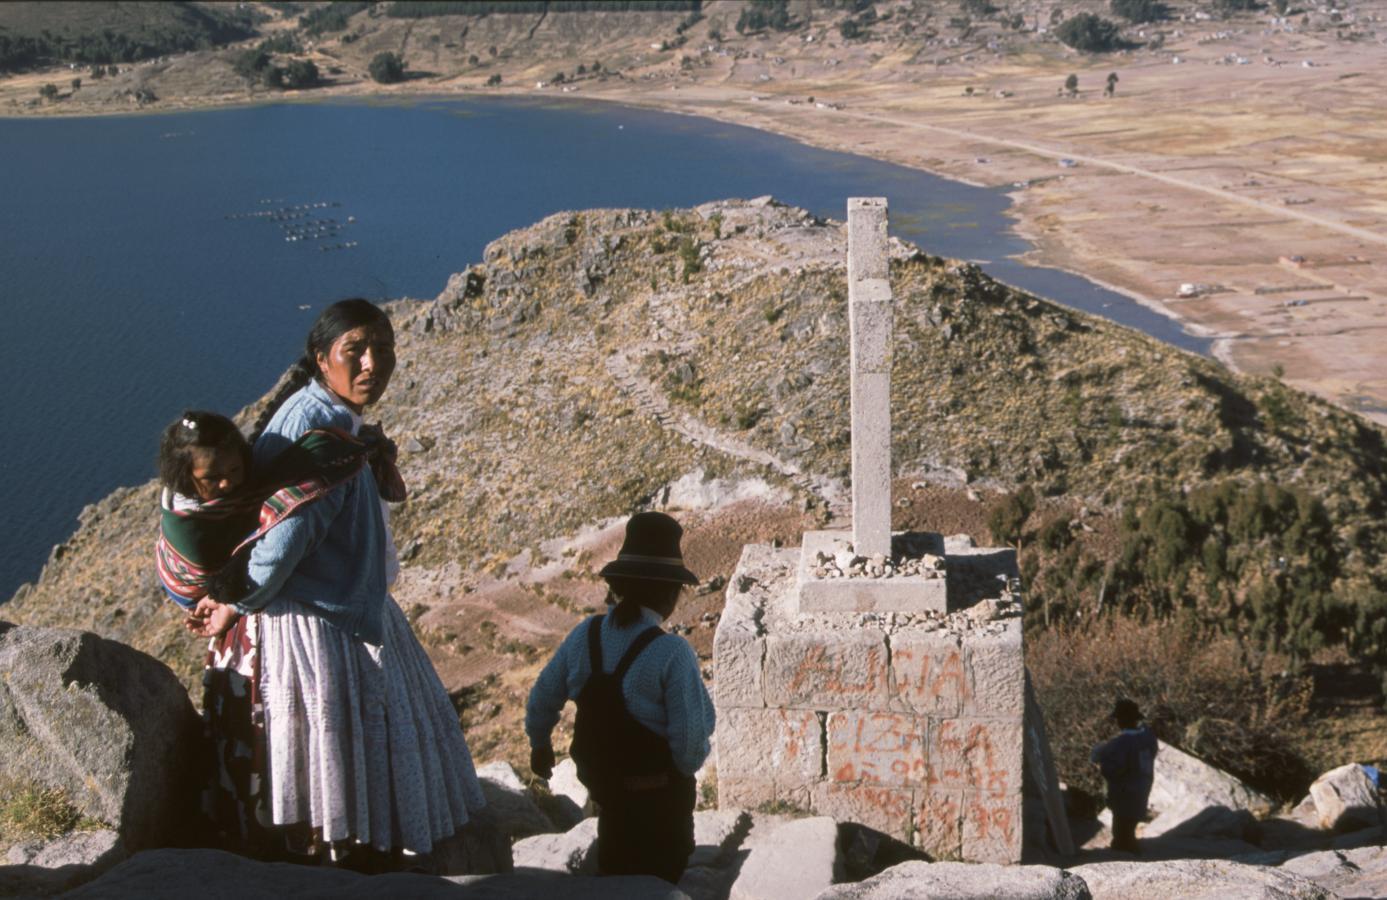 lama-glama-29-bolivia-2001